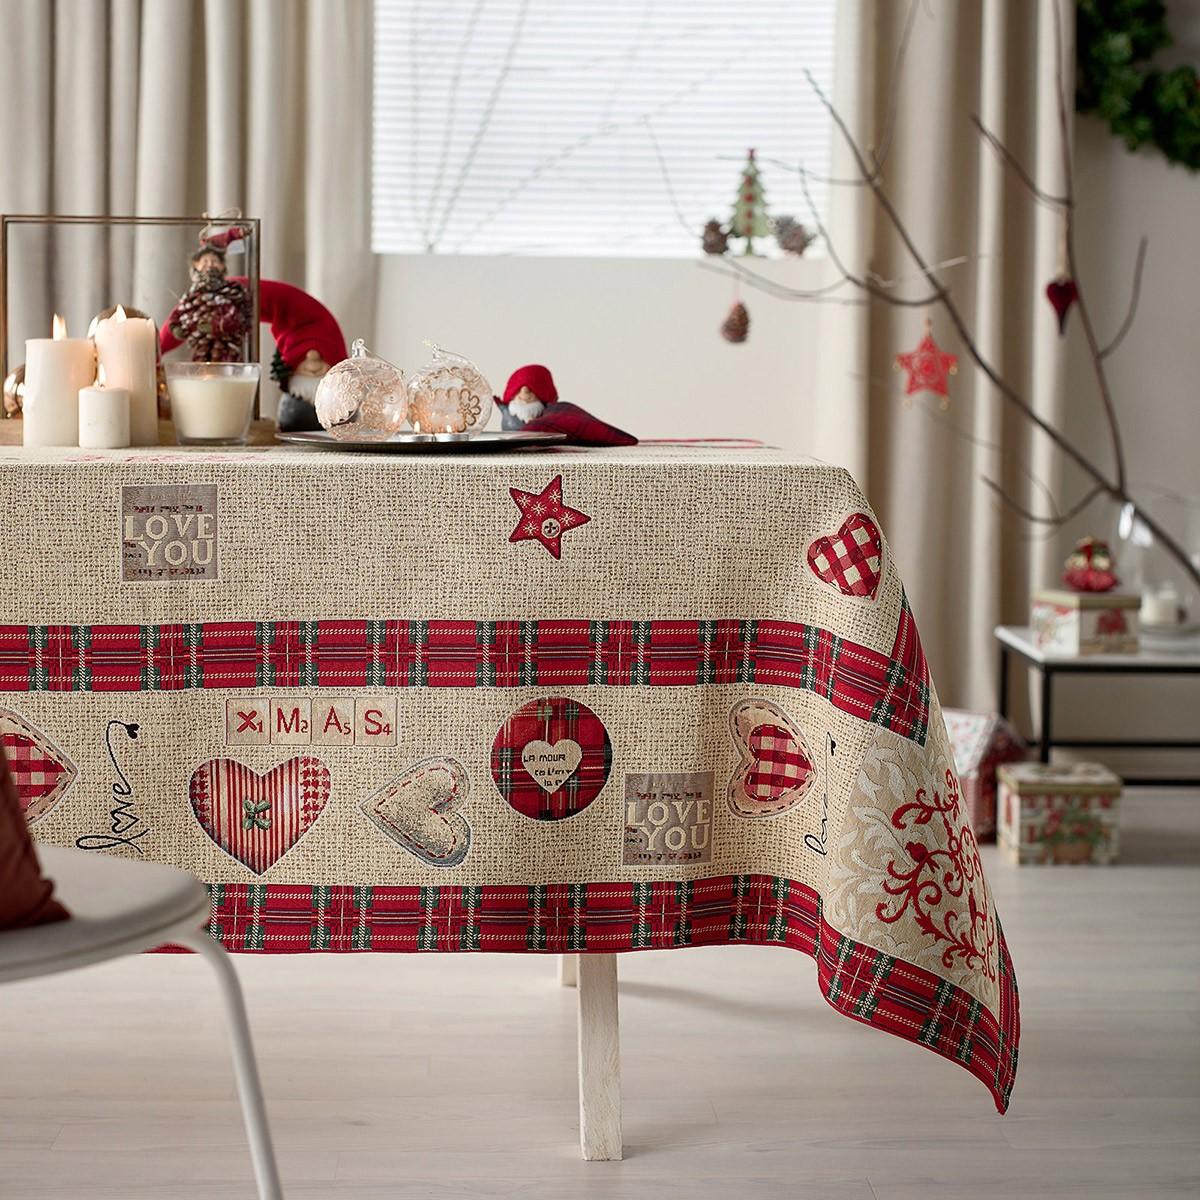 Χριστουγεννιάτικο Τραπεζομάντηλο (135×135) Gofis Home 596